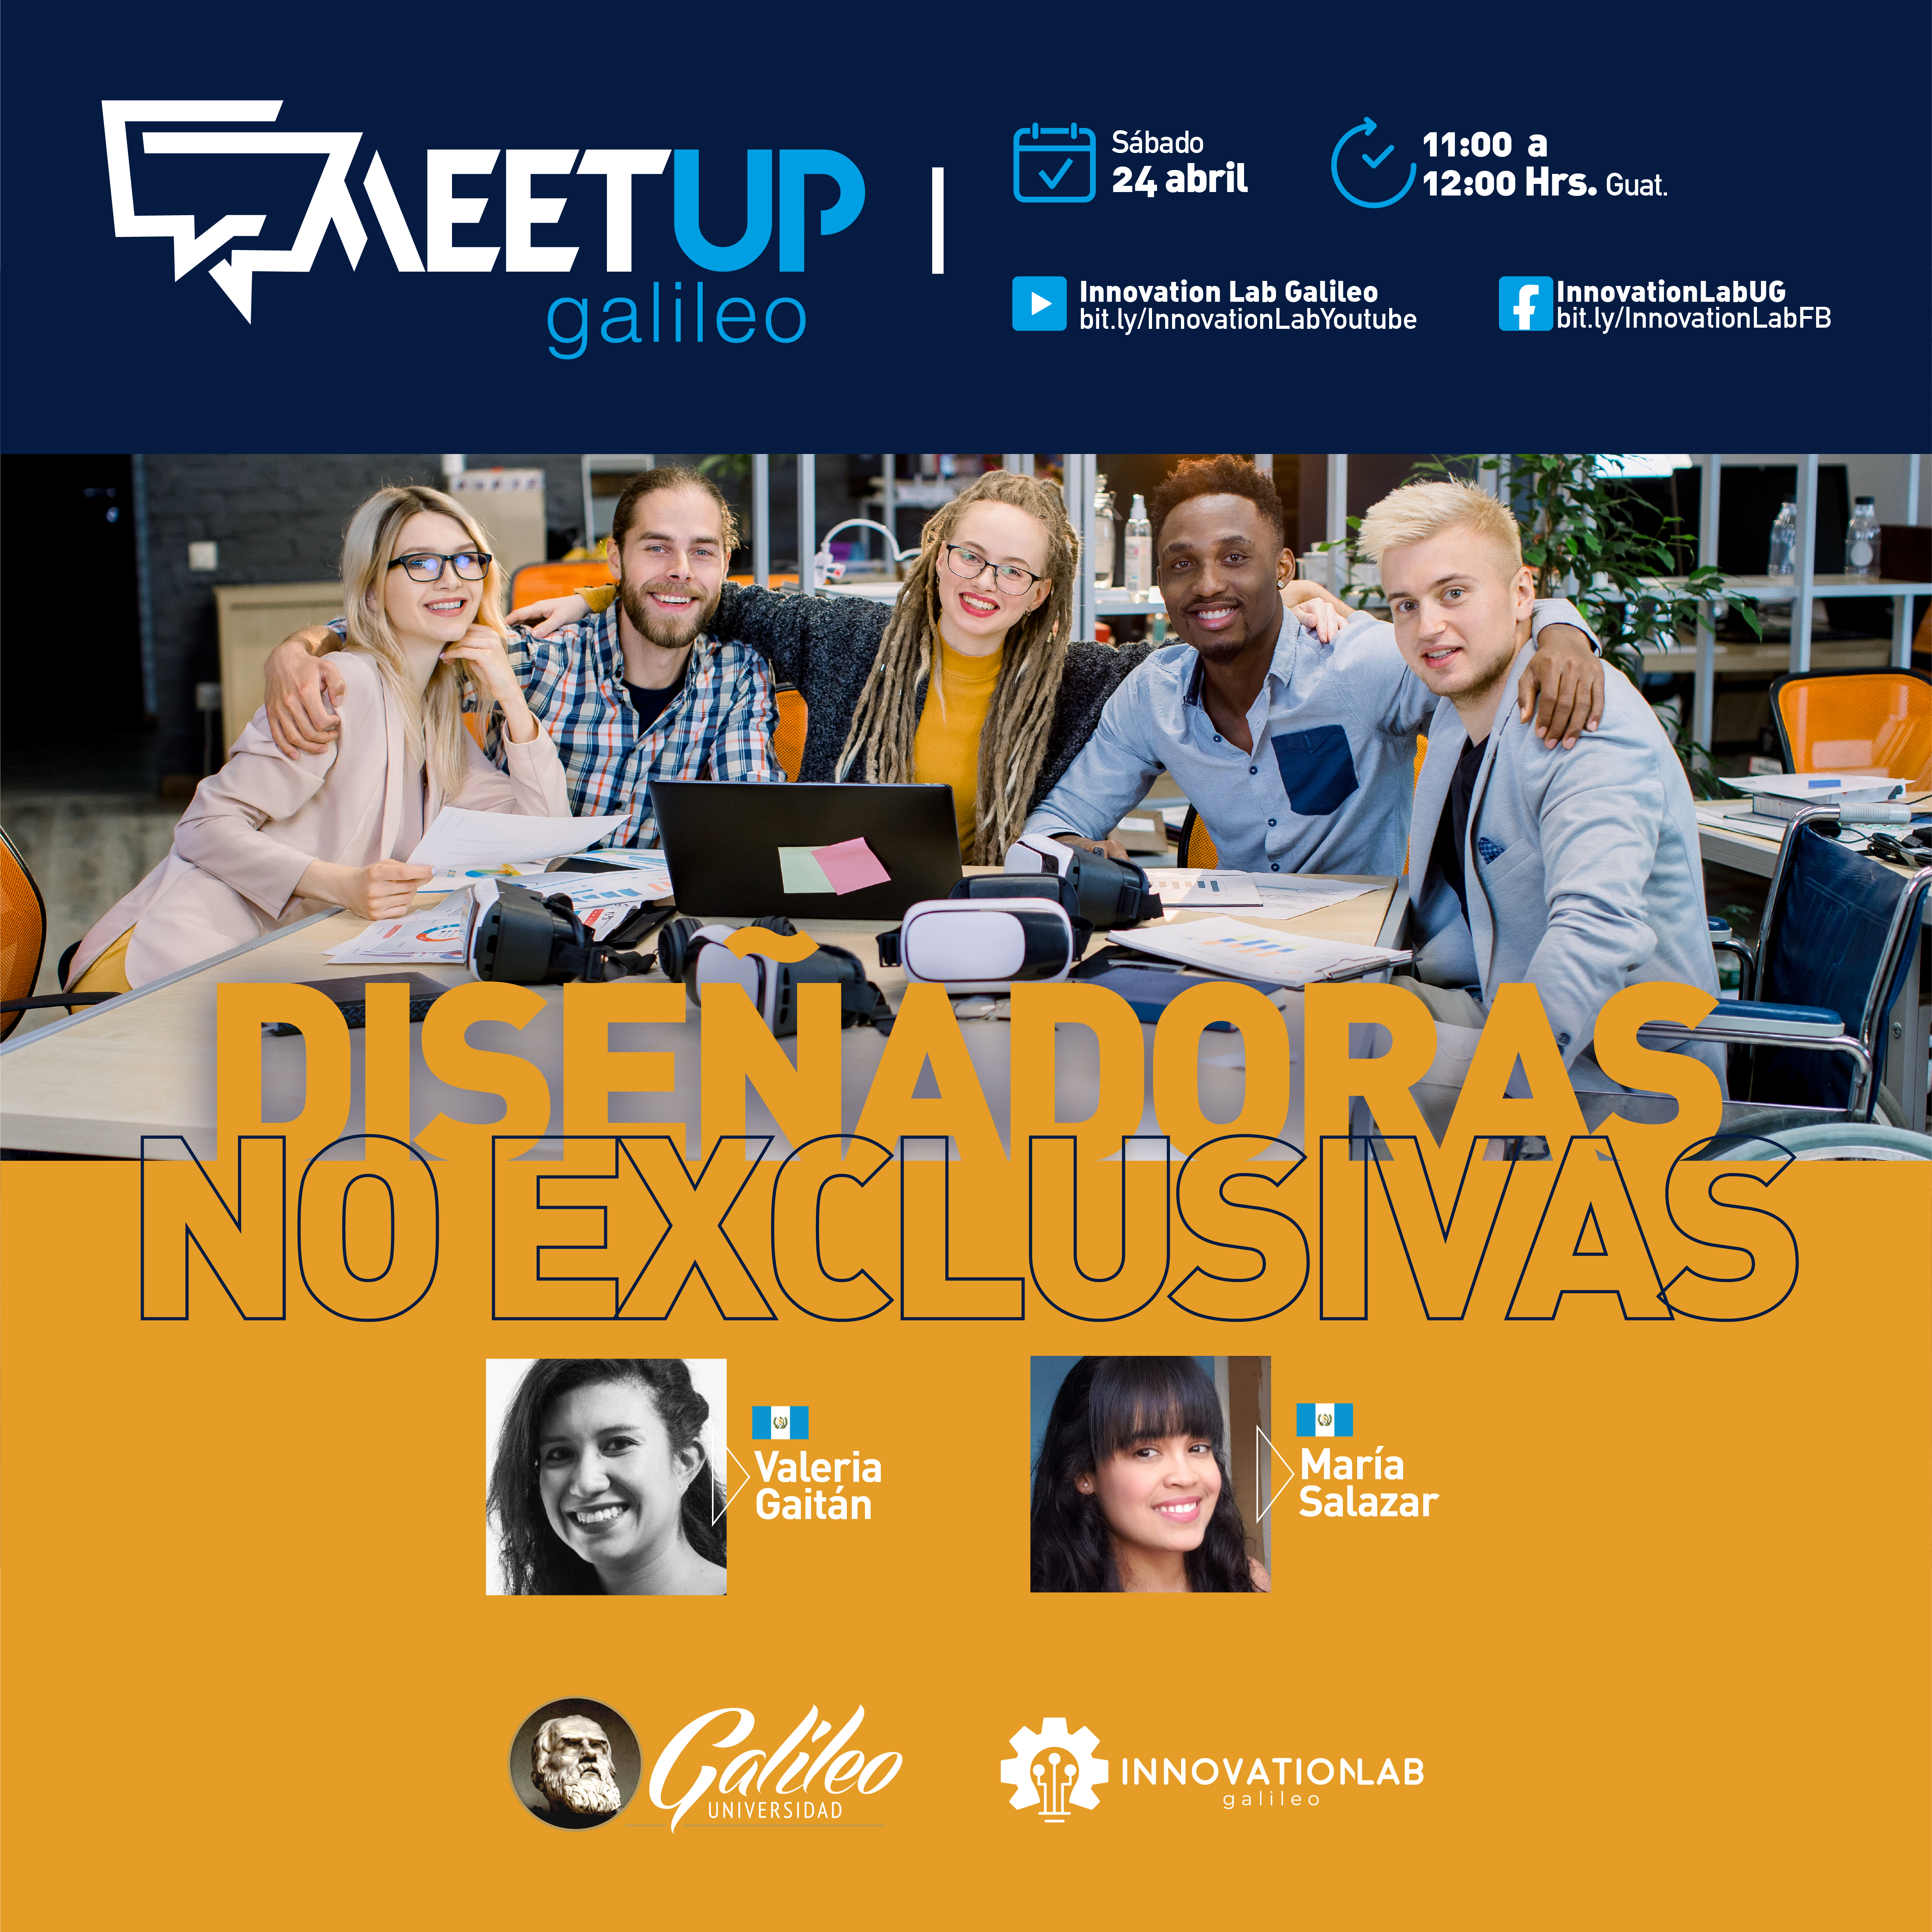 Meetup 4: Diseñadoras no Exclusivas